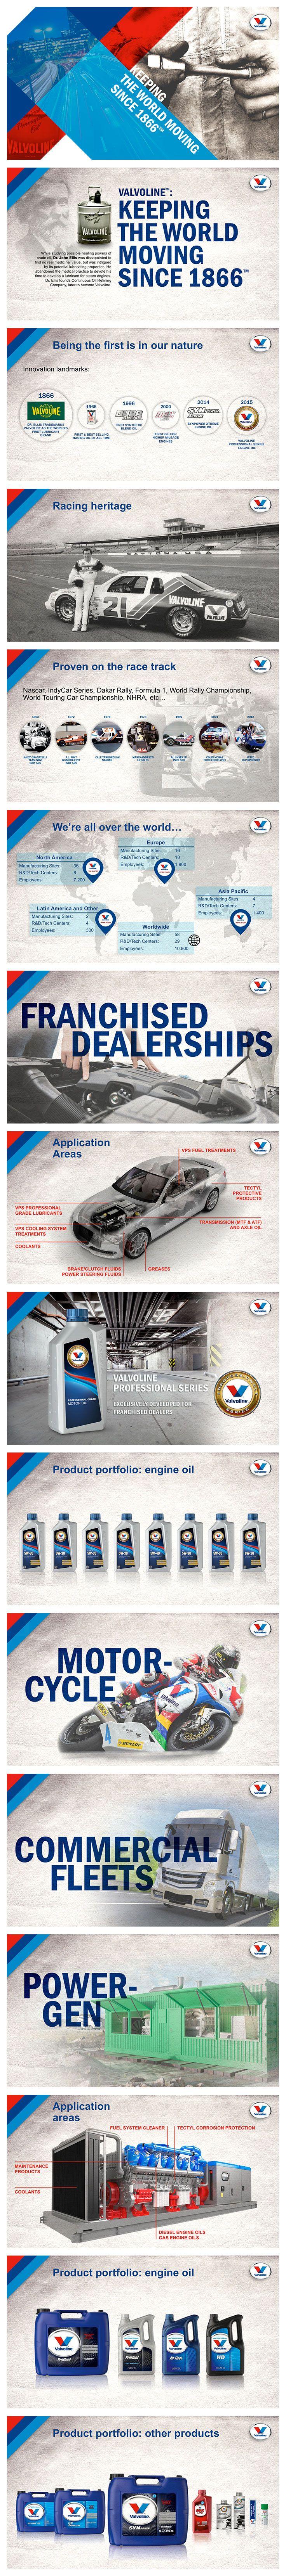 Valvoline Corporate presentation